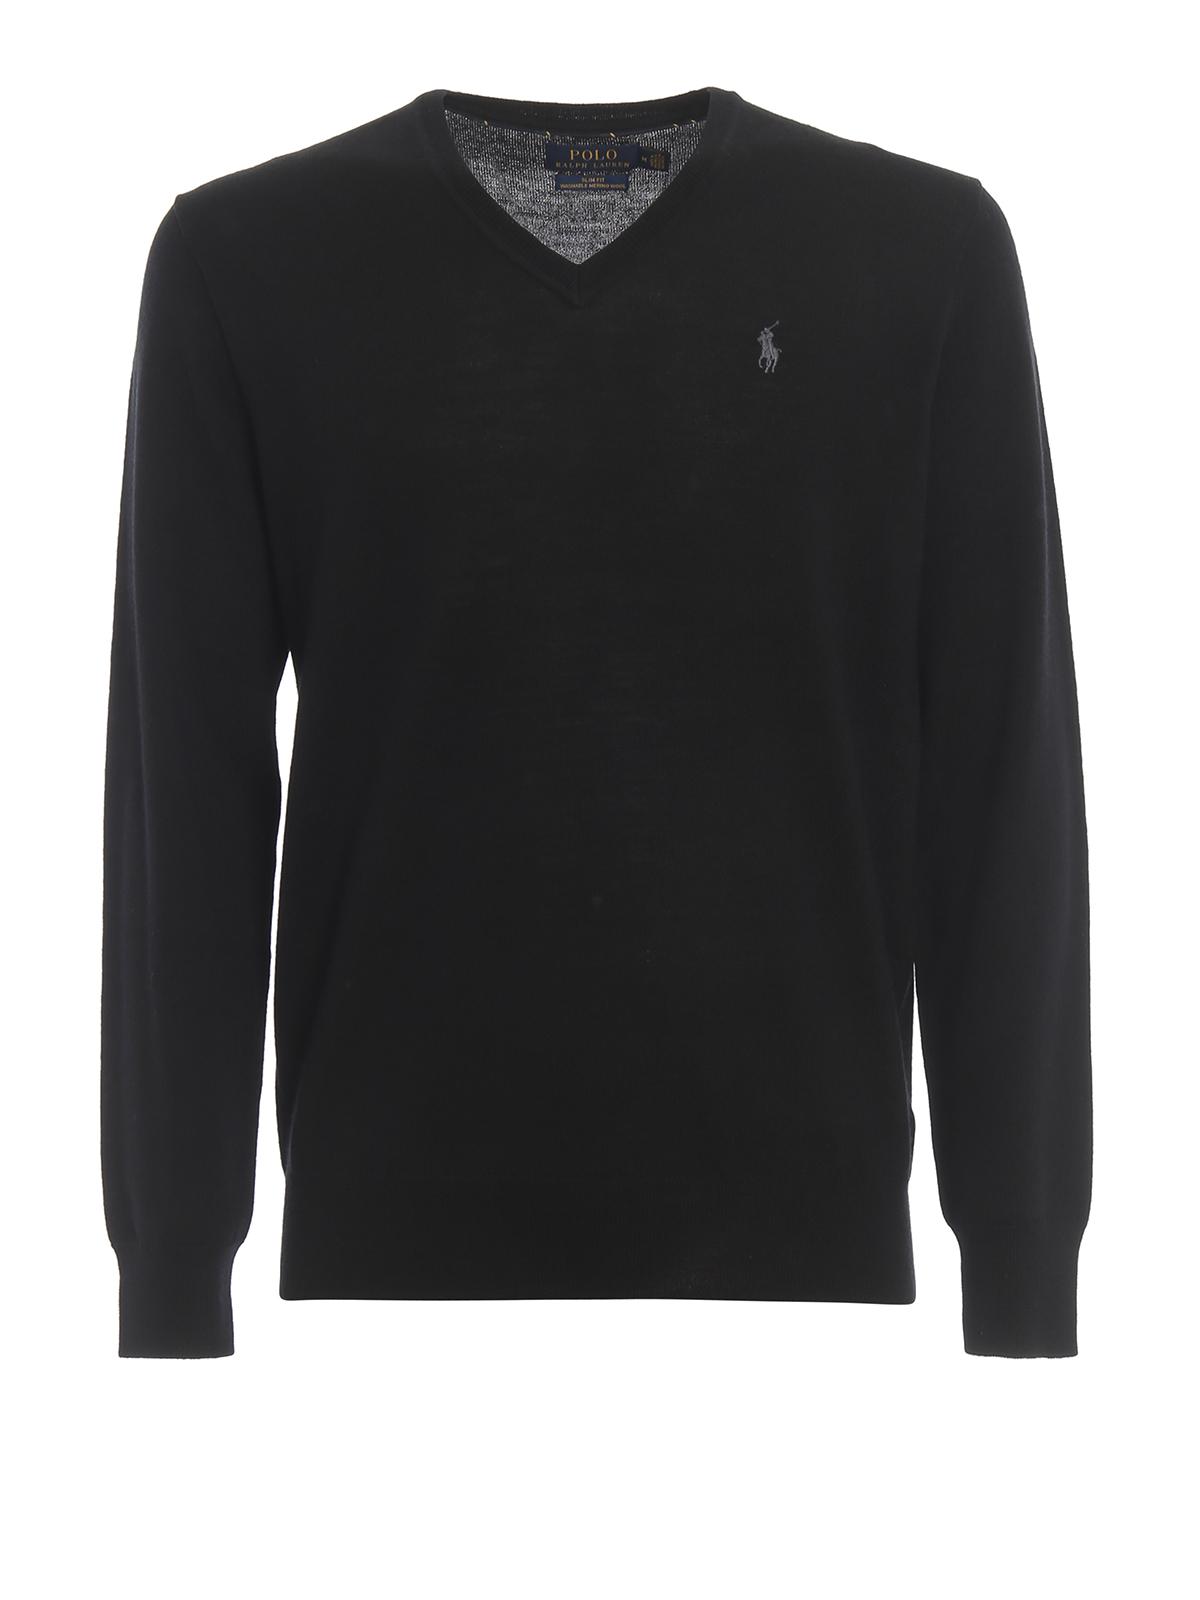 Polo Ralph Lauren Black Merino Wool V-Neck Sweater